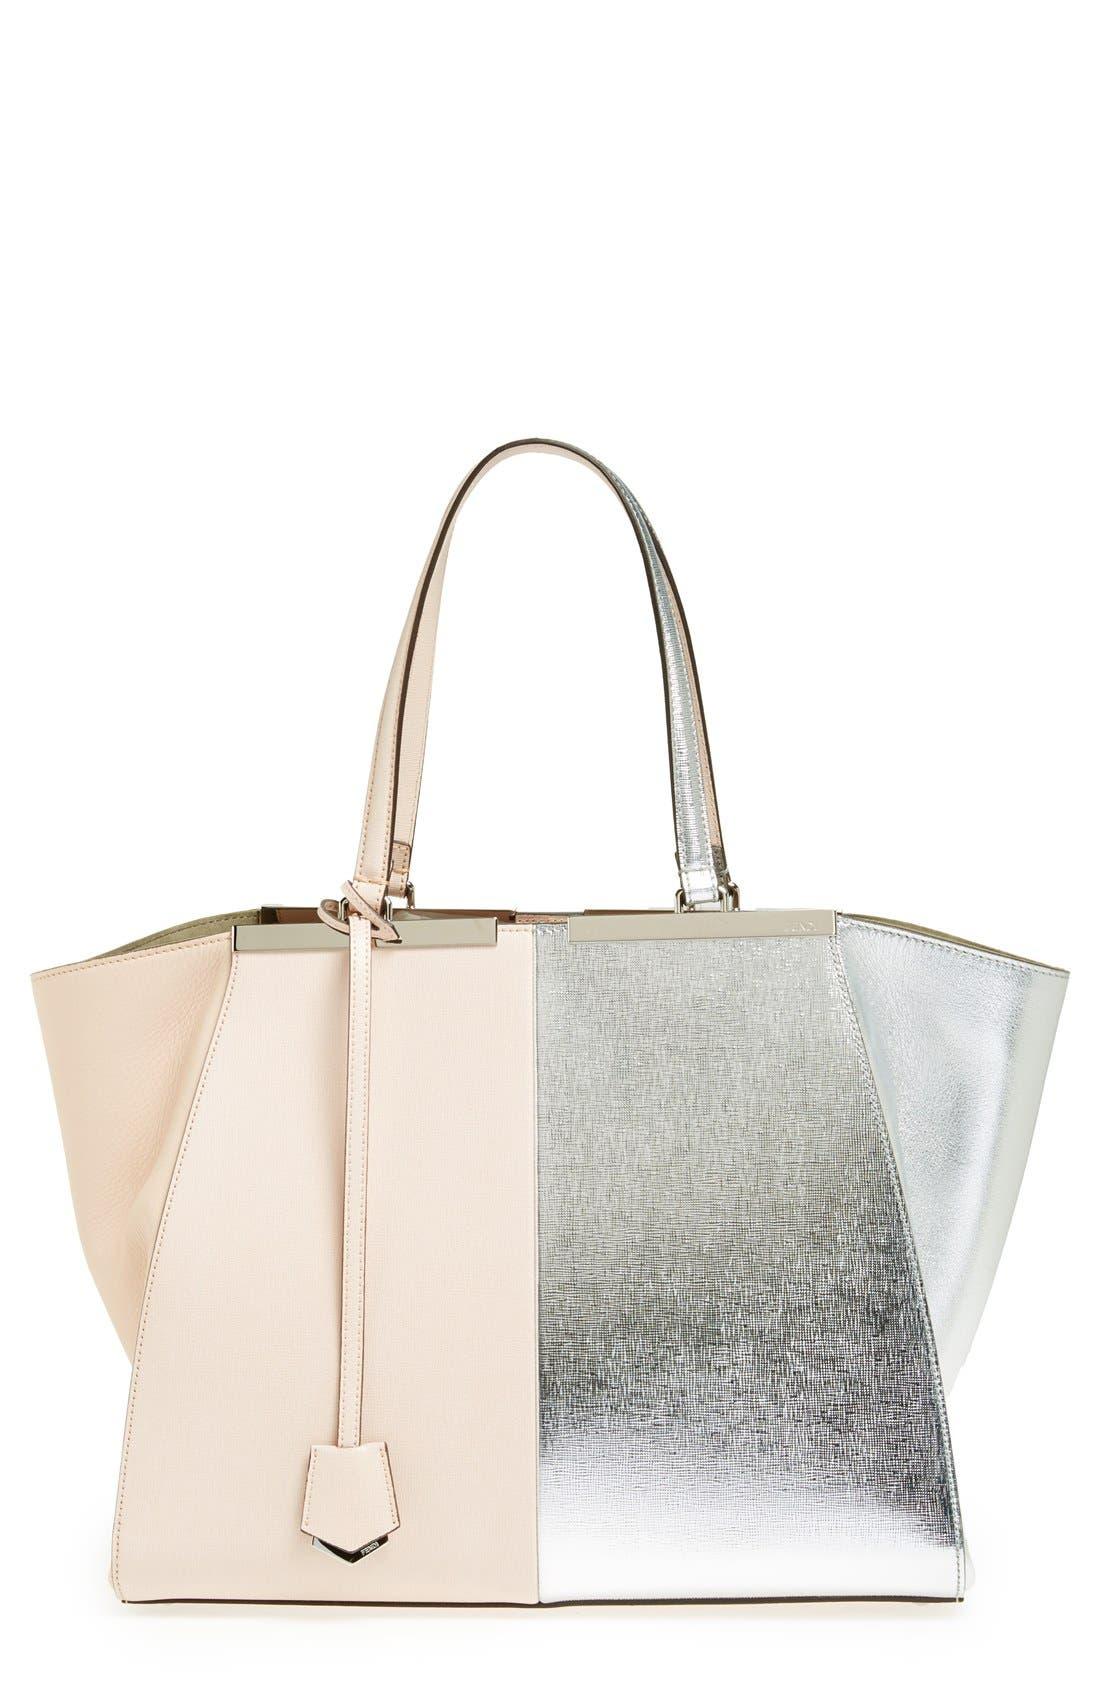 Main Image - Fendi '3Jours' Bicolor Leather Shopper